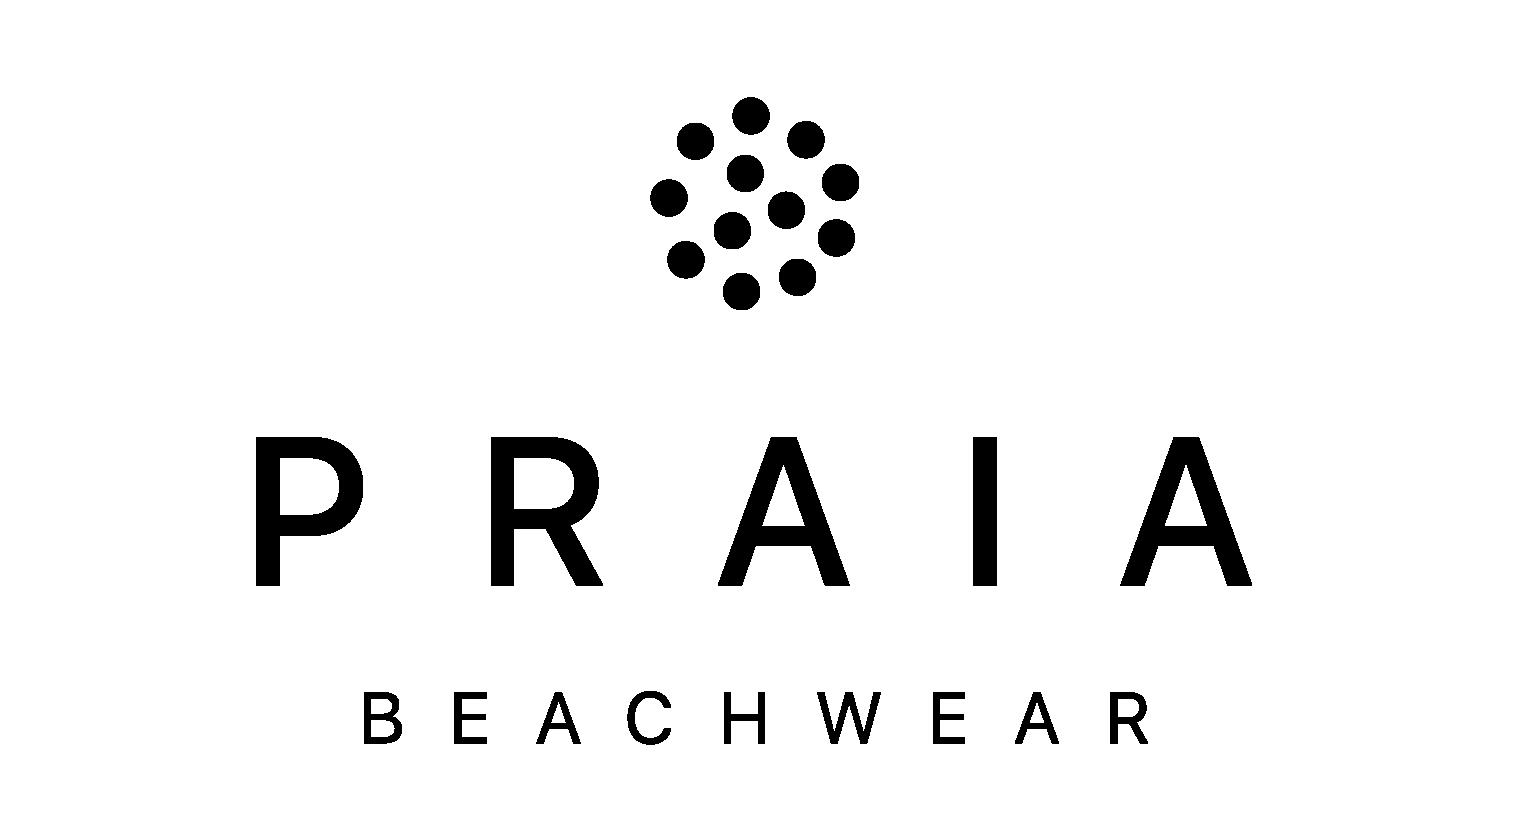 PRAIA BEACHWEAR